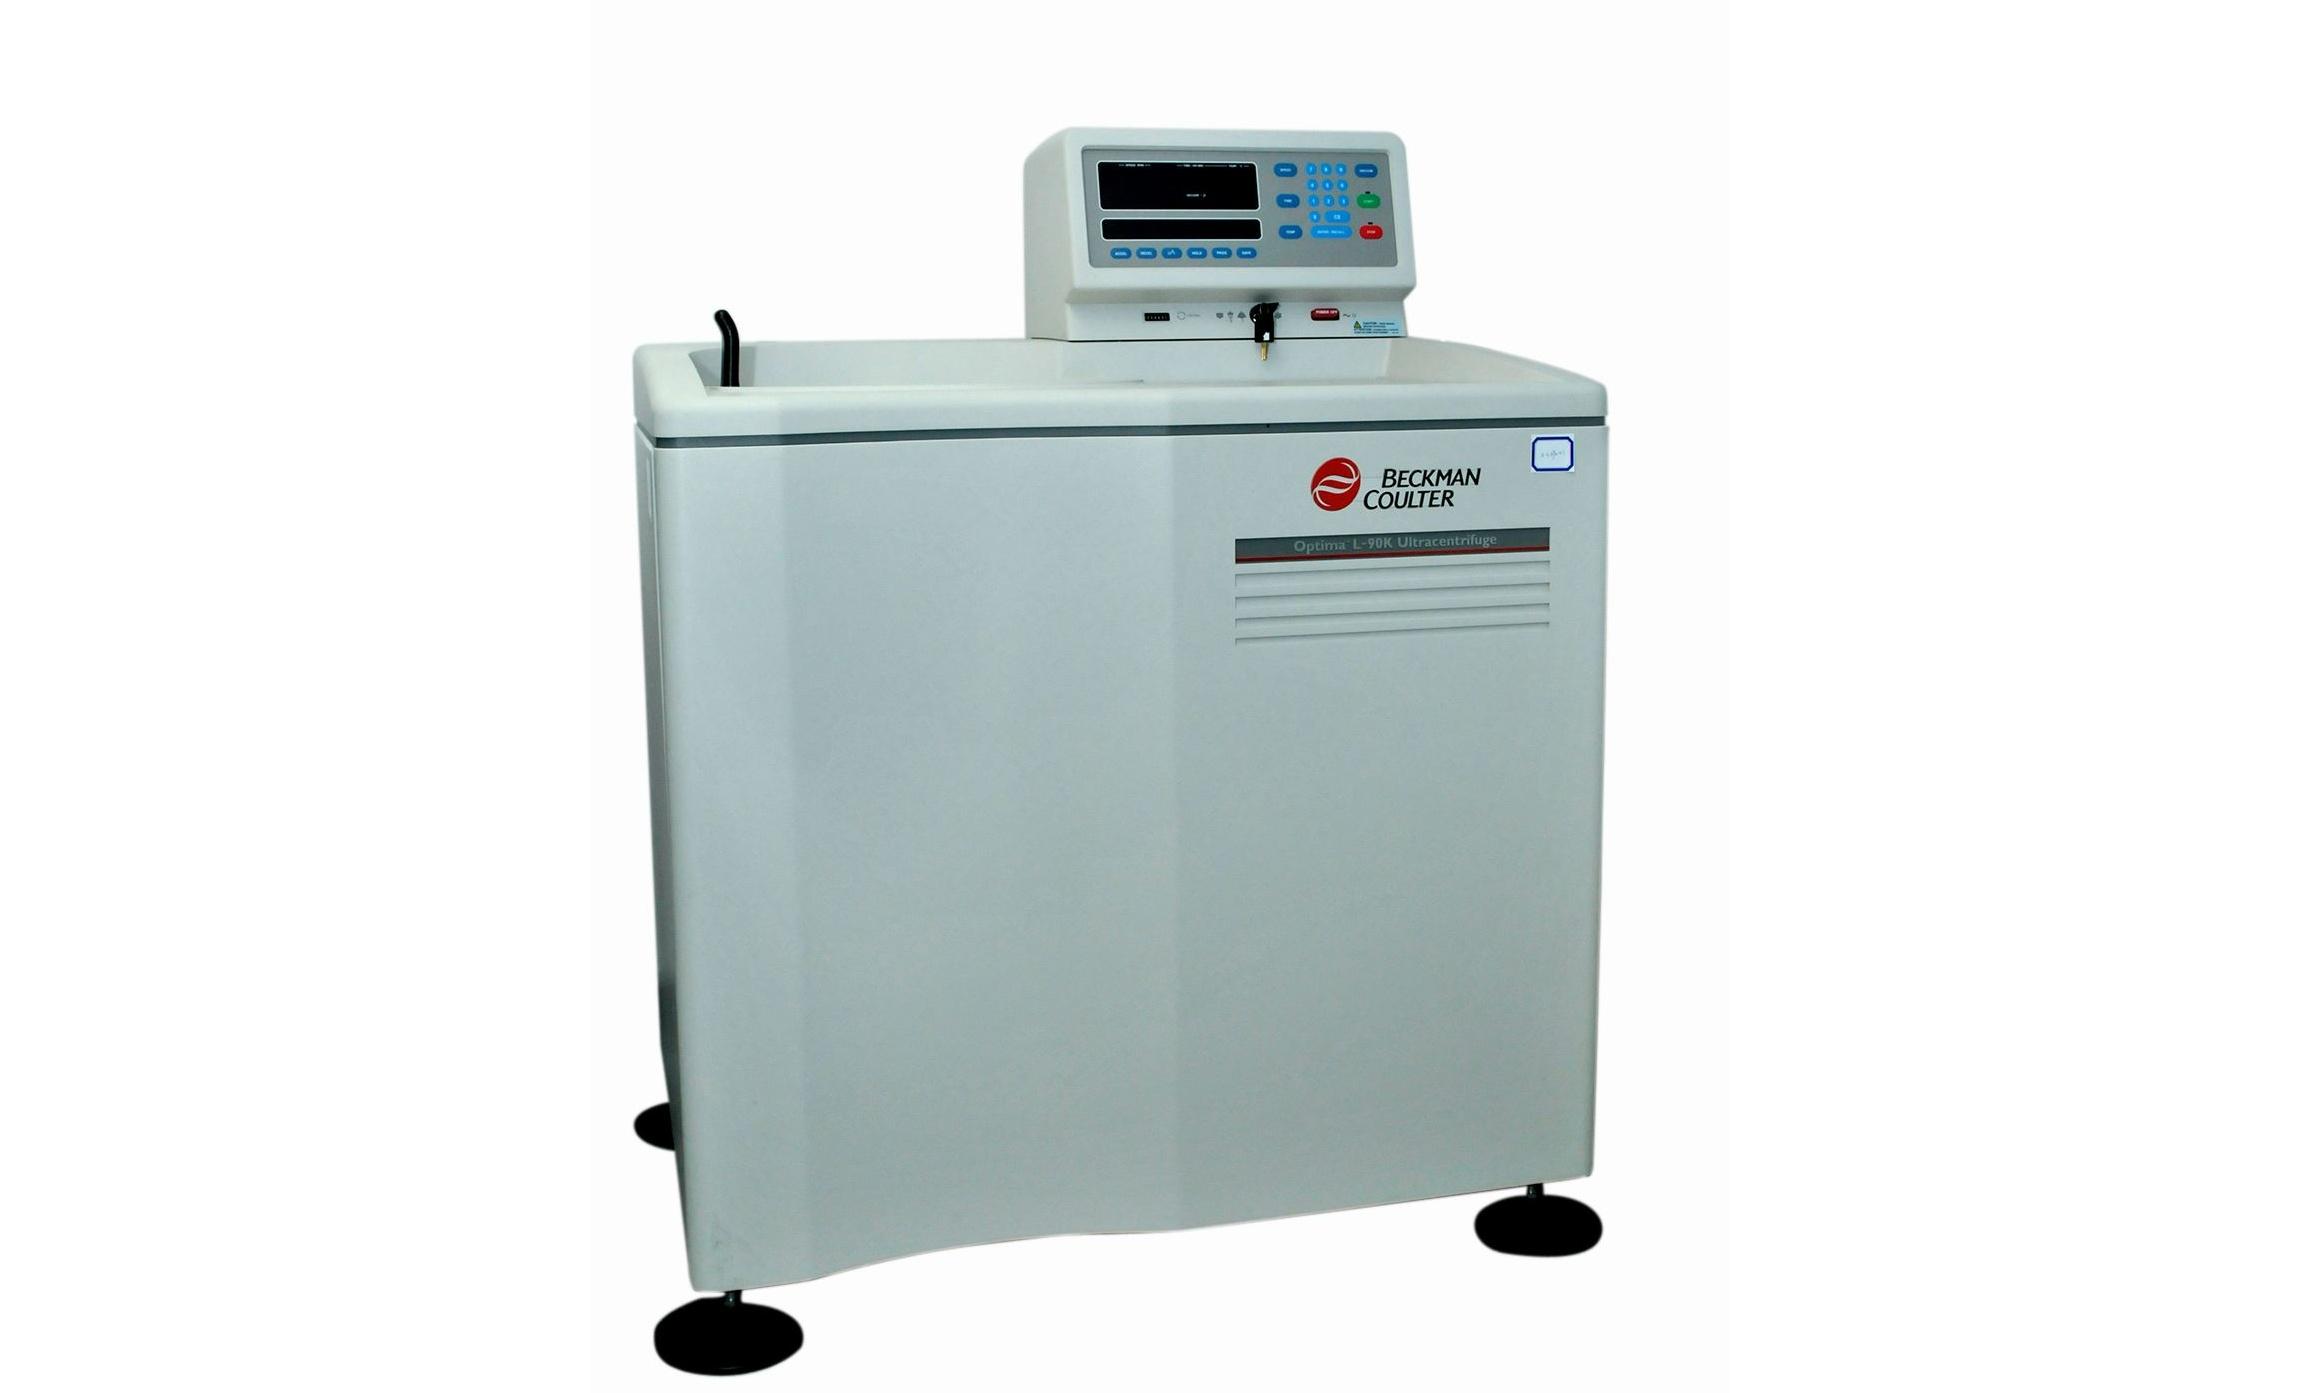 河南科技大学第一附属医院细胞培养箱等仪器设备采购项目招标